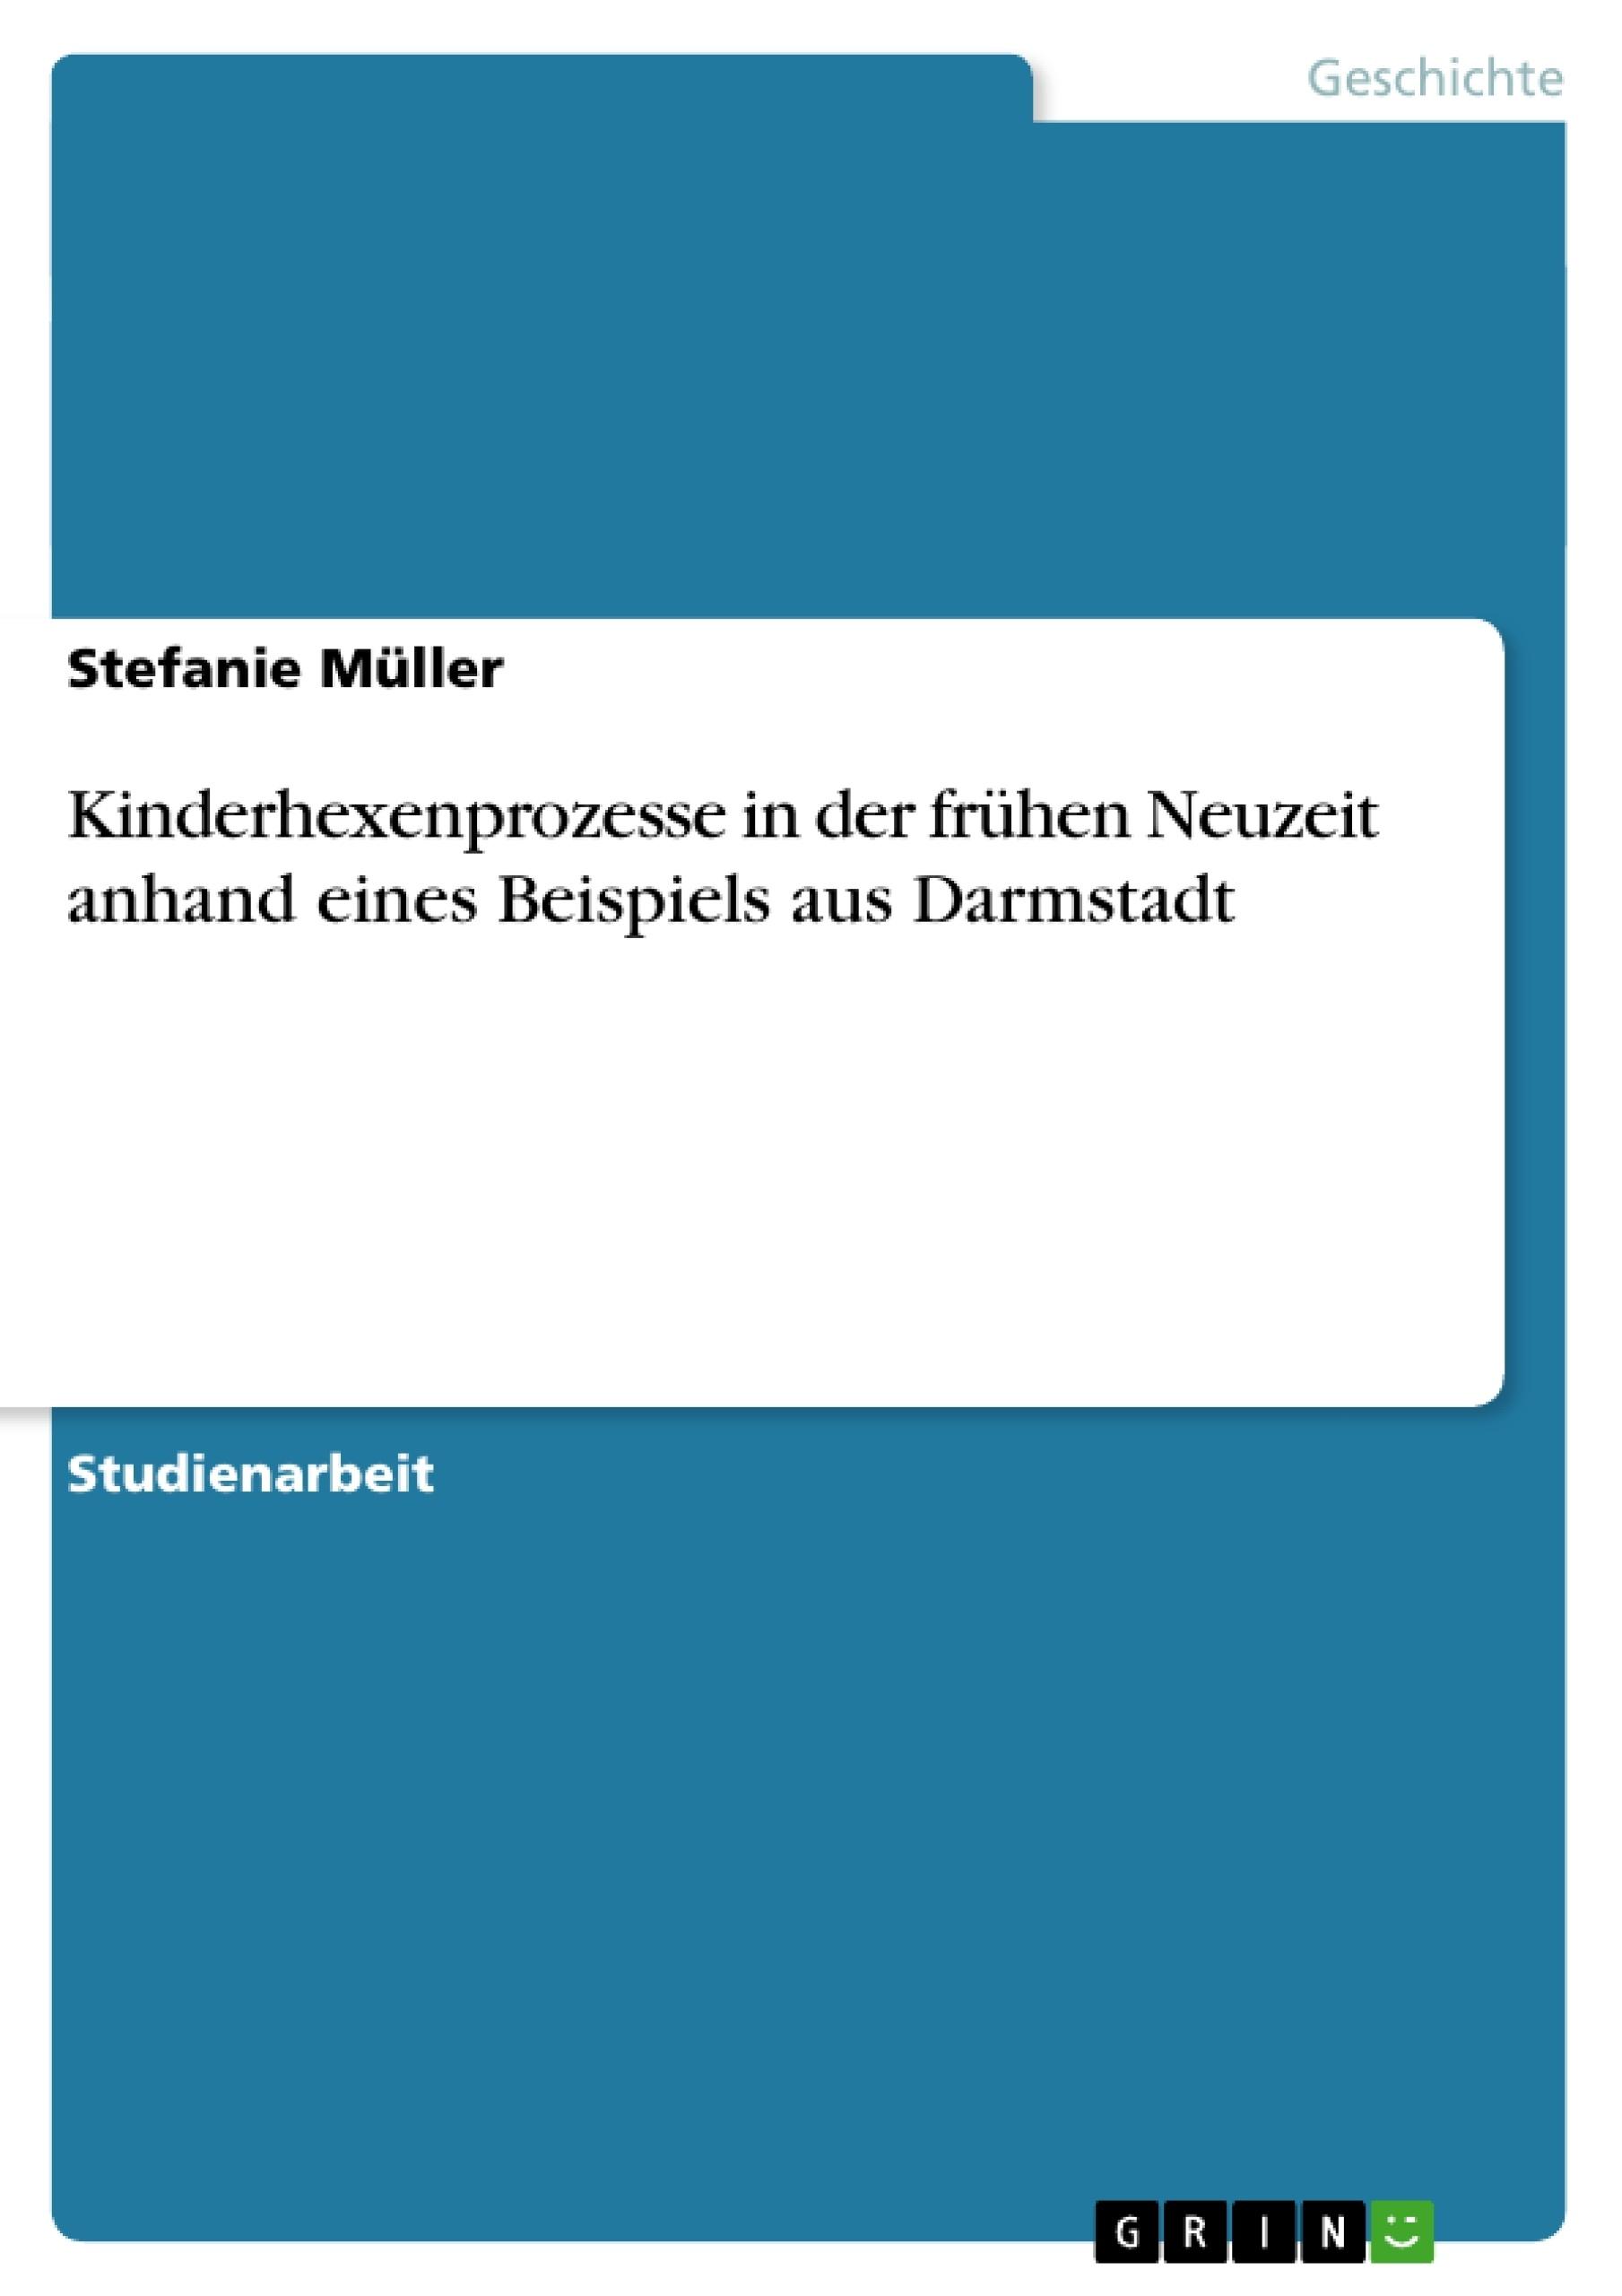 Titel: Kinderhexenprozesse in der frühen Neuzeit anhand eines Beispiels aus Darmstadt